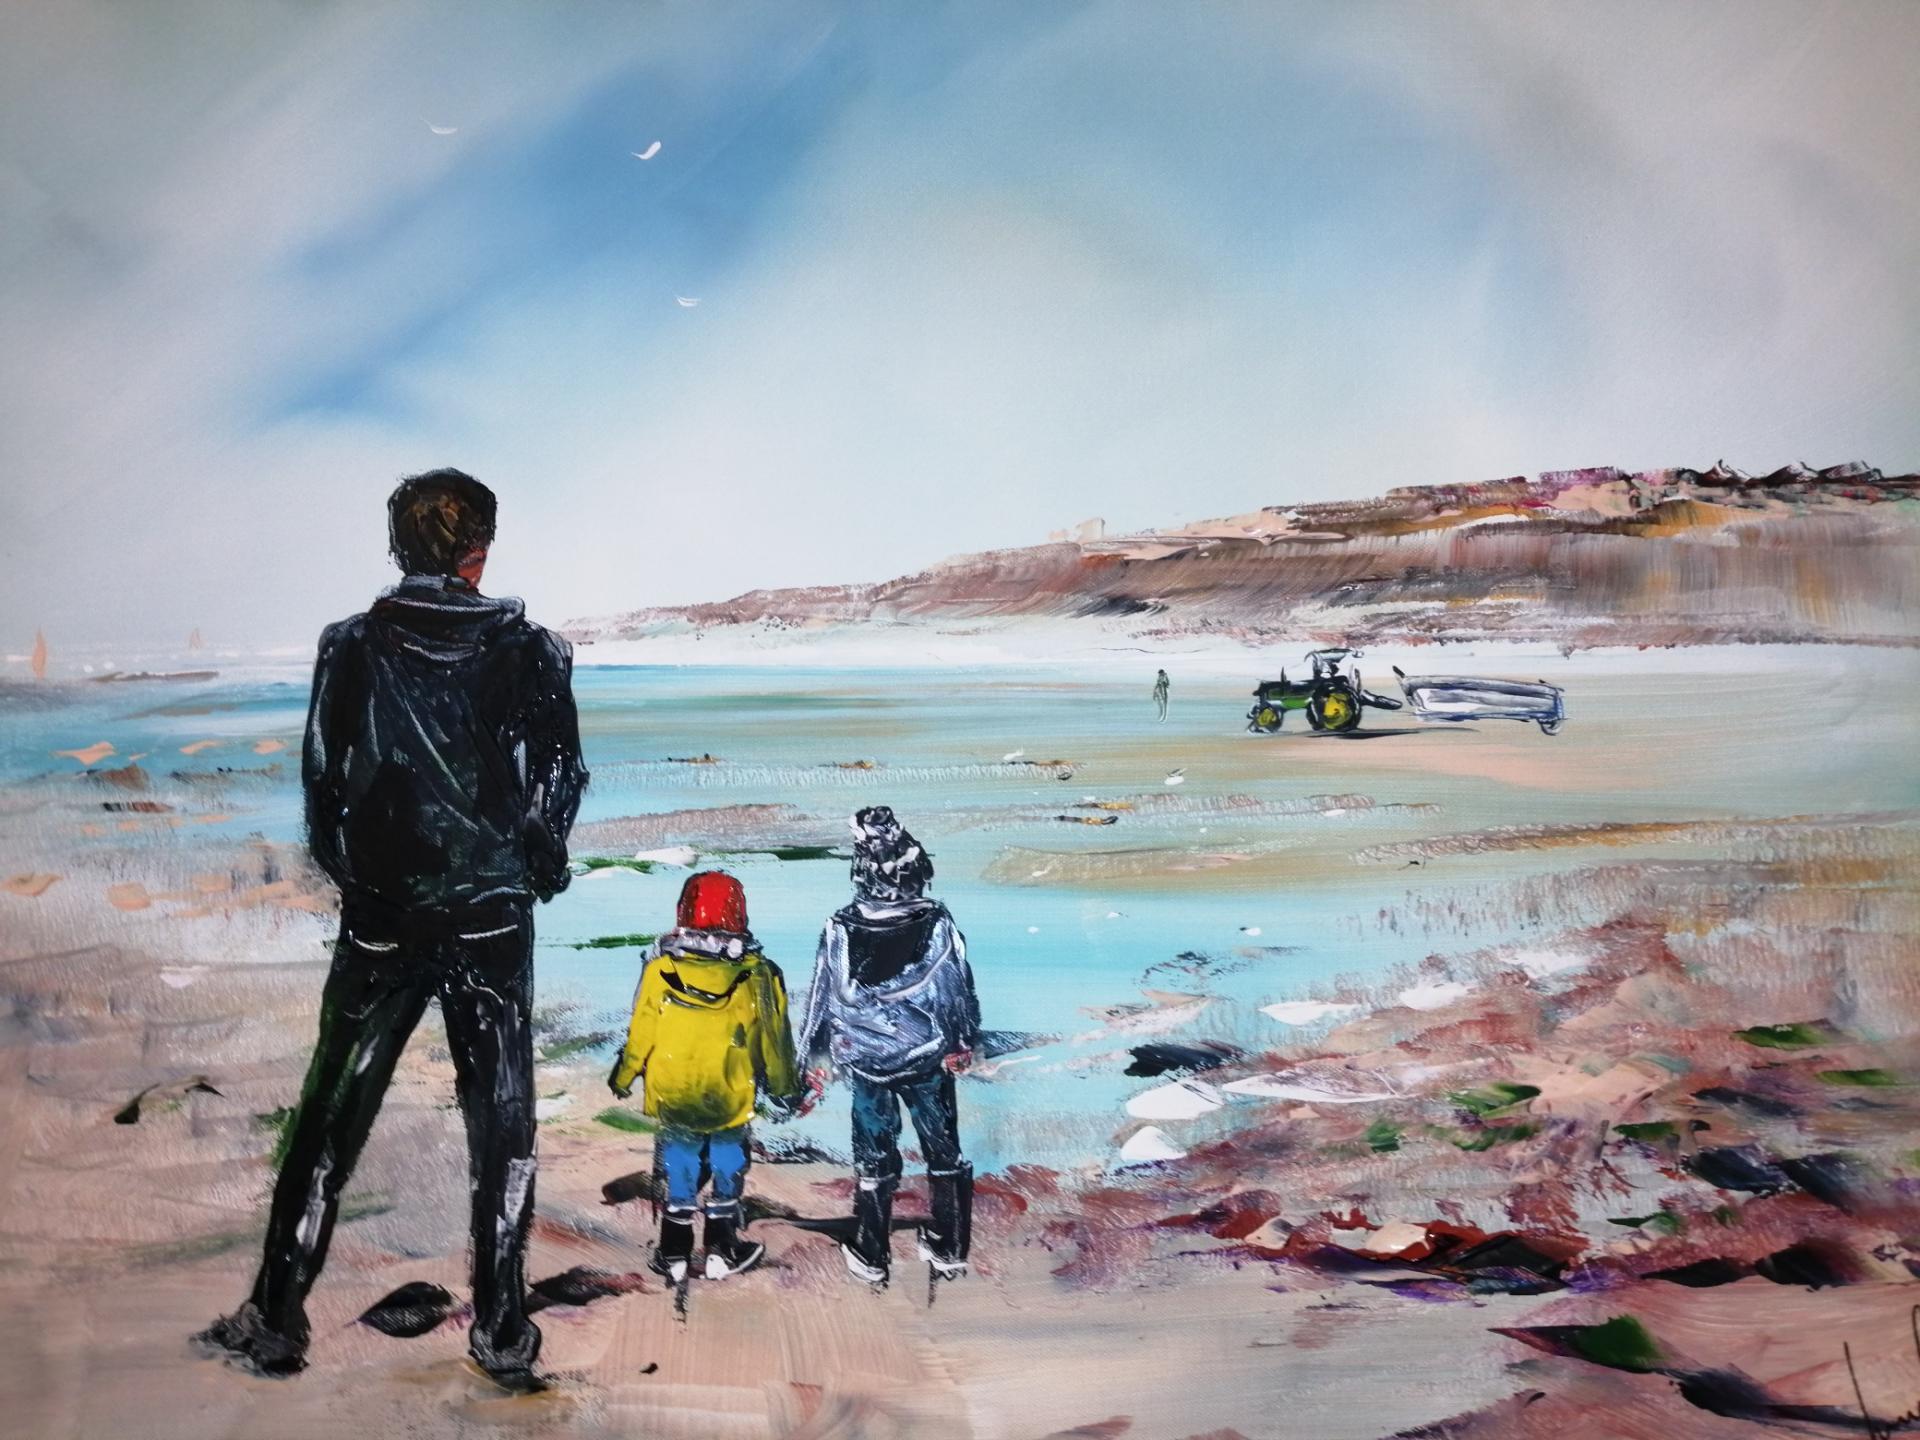 En famille sur la plage de wimereux